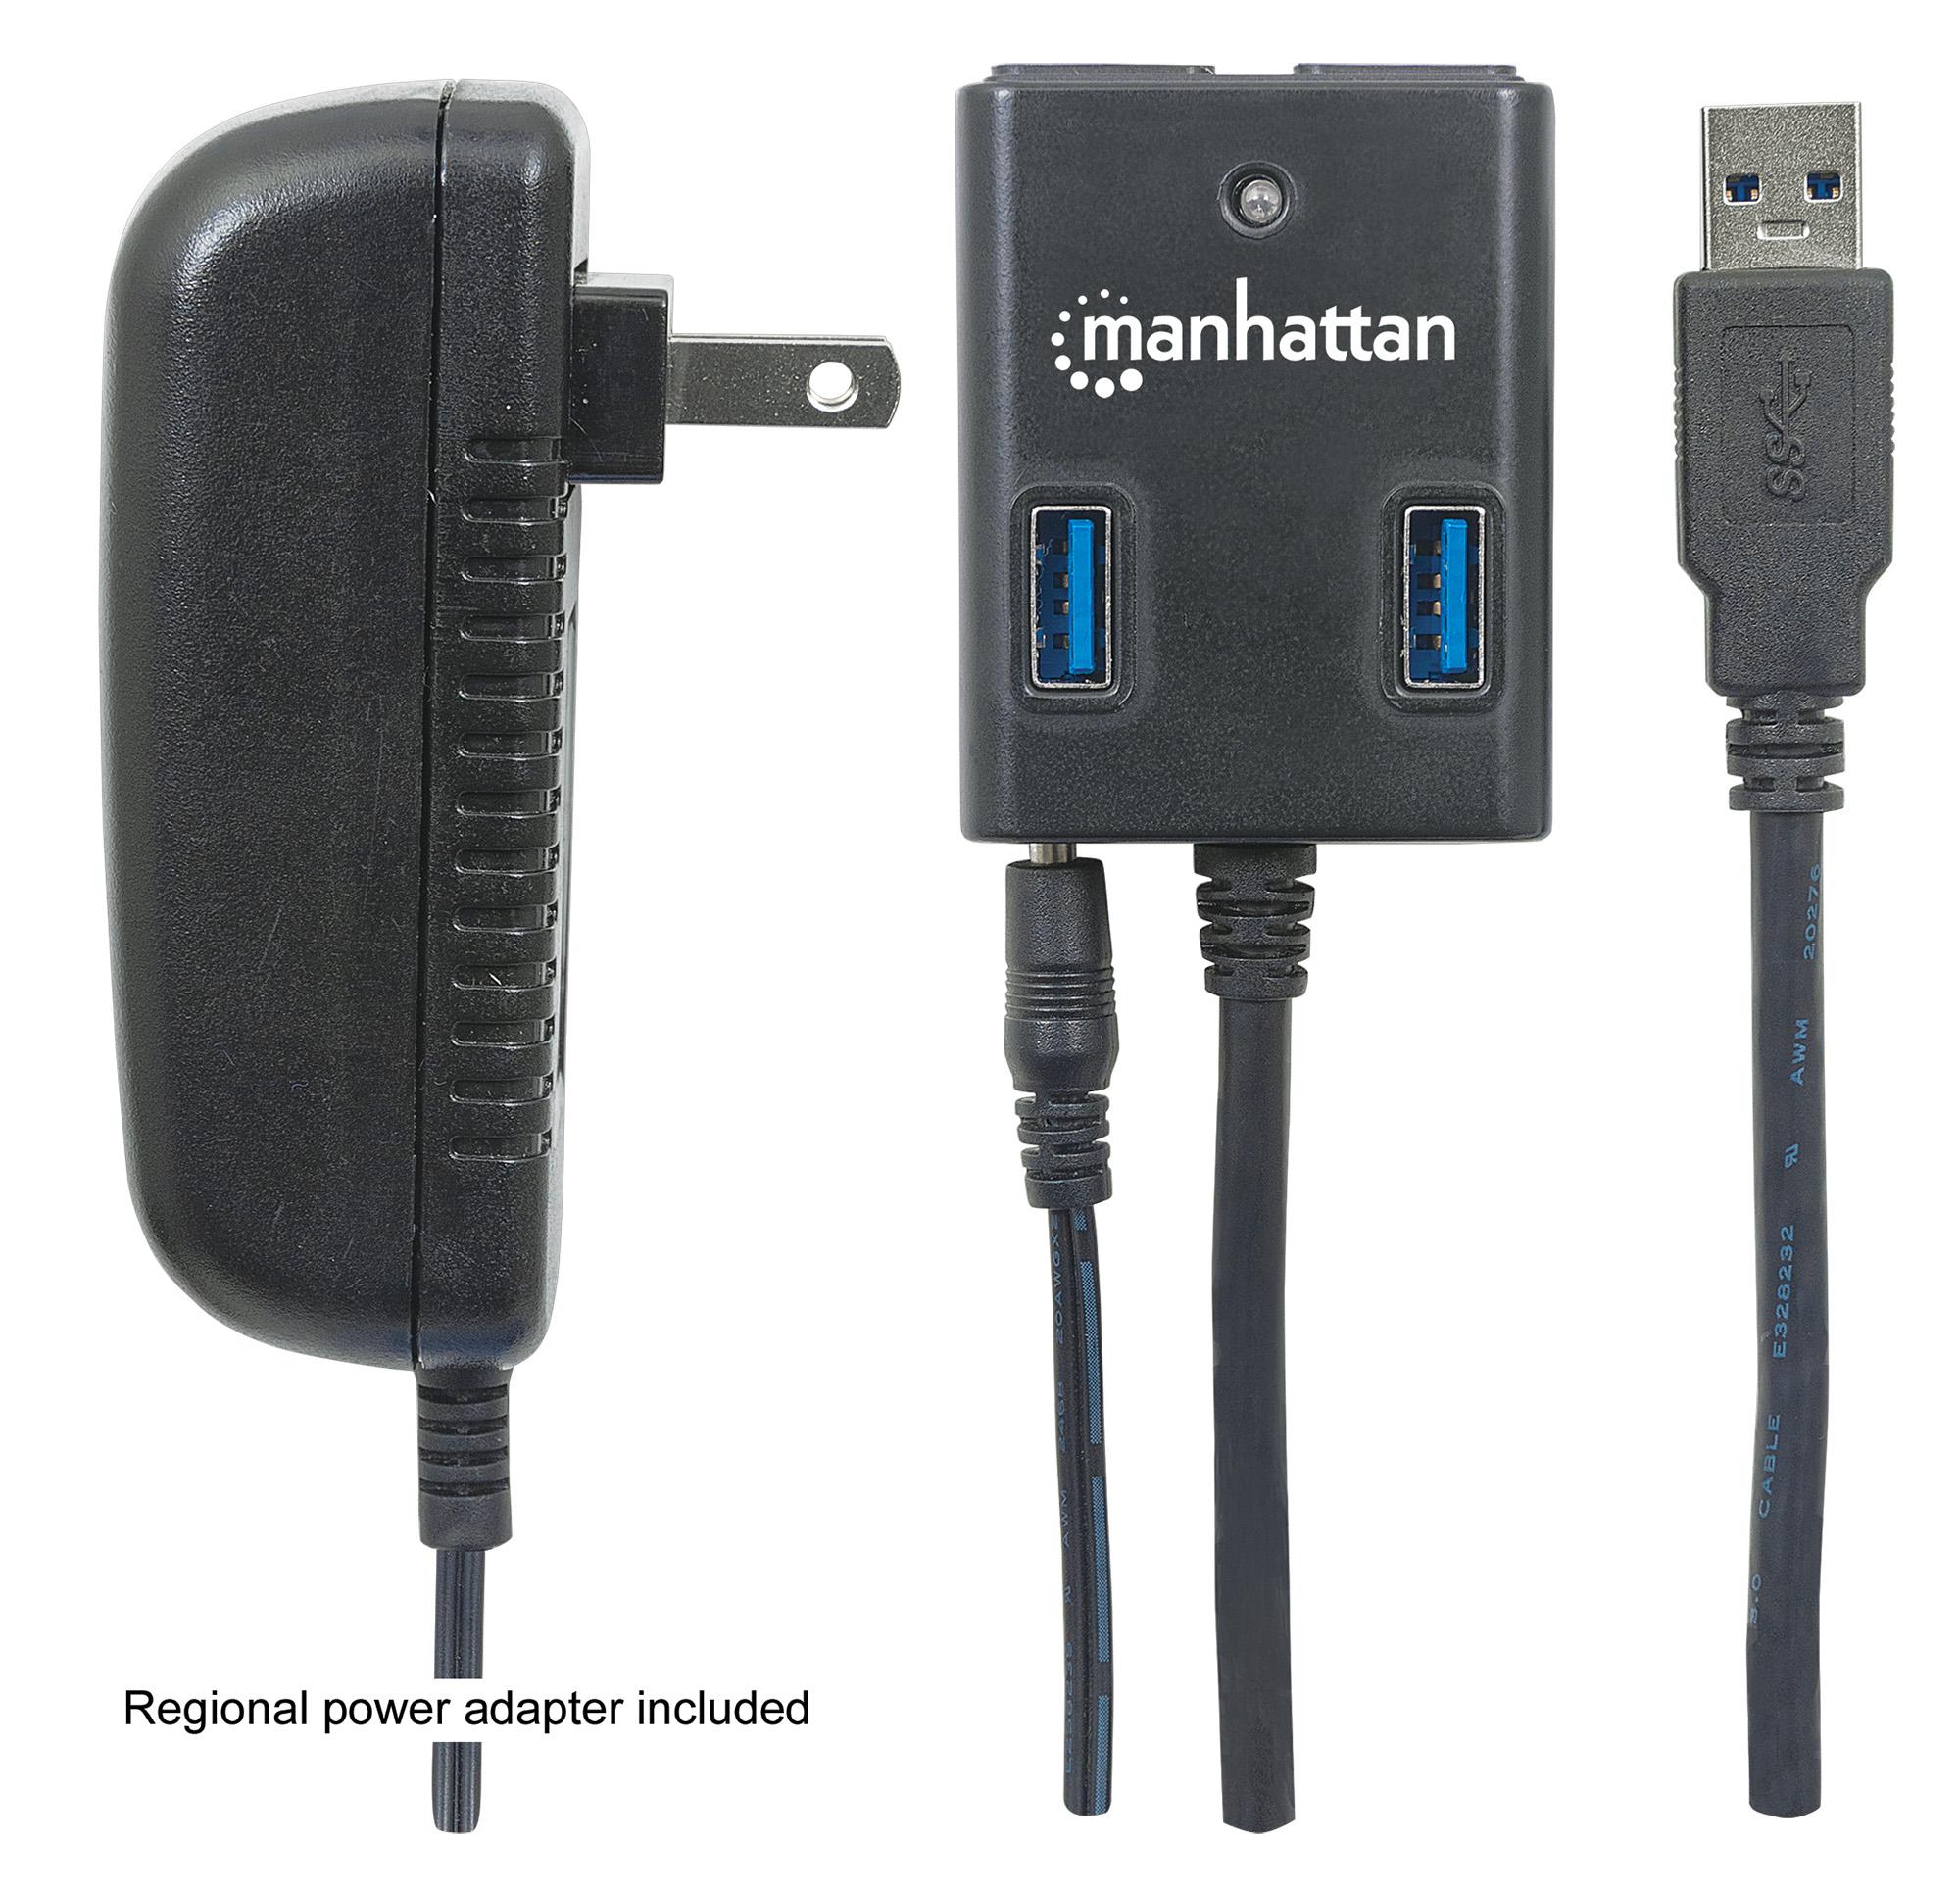 SuperSpeed USB 3.0 Hub